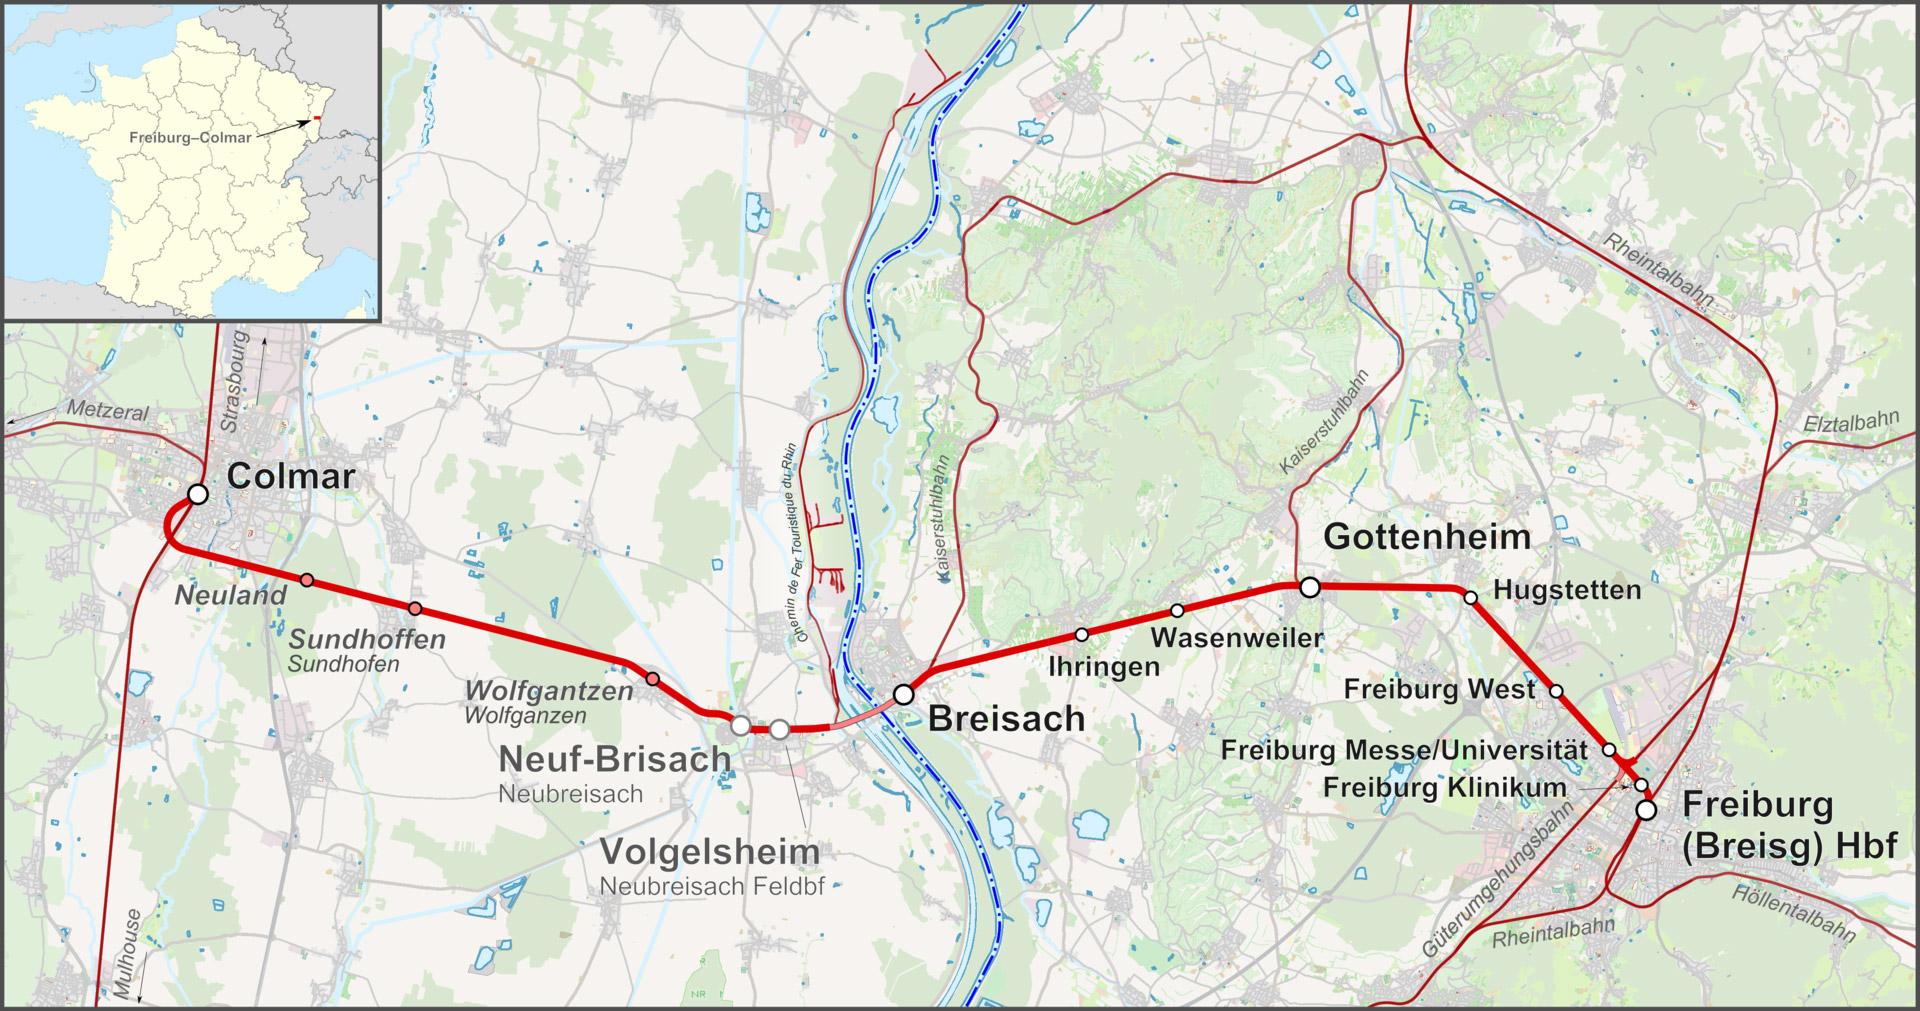 Verlauf der geplanten Strecke Colmar-Freiburg.